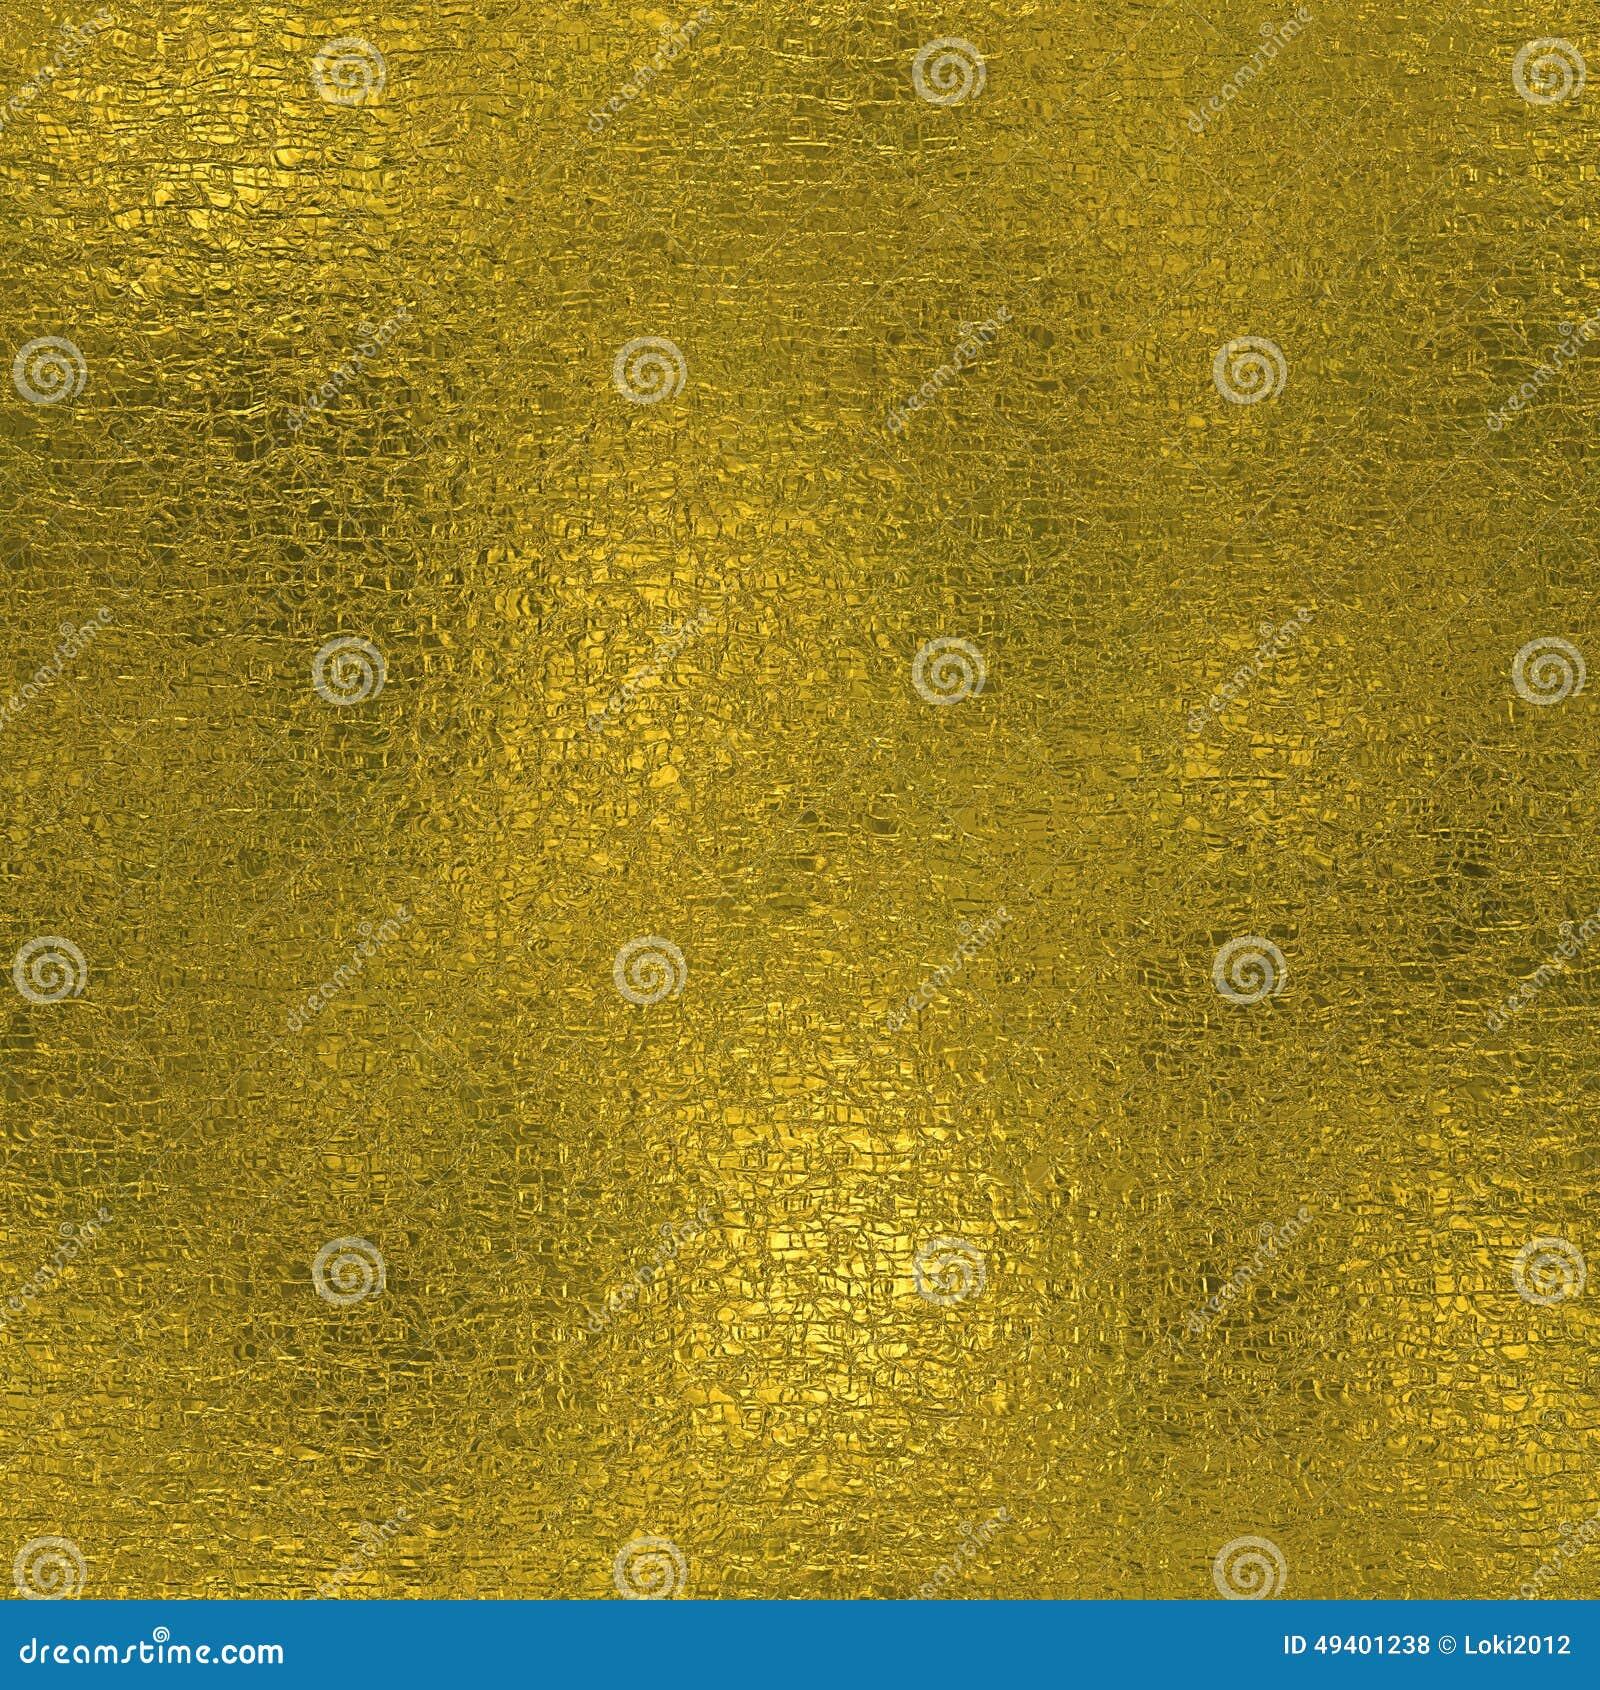 Download Goldene Folie Beschaffenheit Des Nahtlosen Und Tileable Luxushintergrundes Funkelnder Feiertag Geknitterter Goldhintergrund Stockfoto - Bild von aluminium, entlastung: 49401238